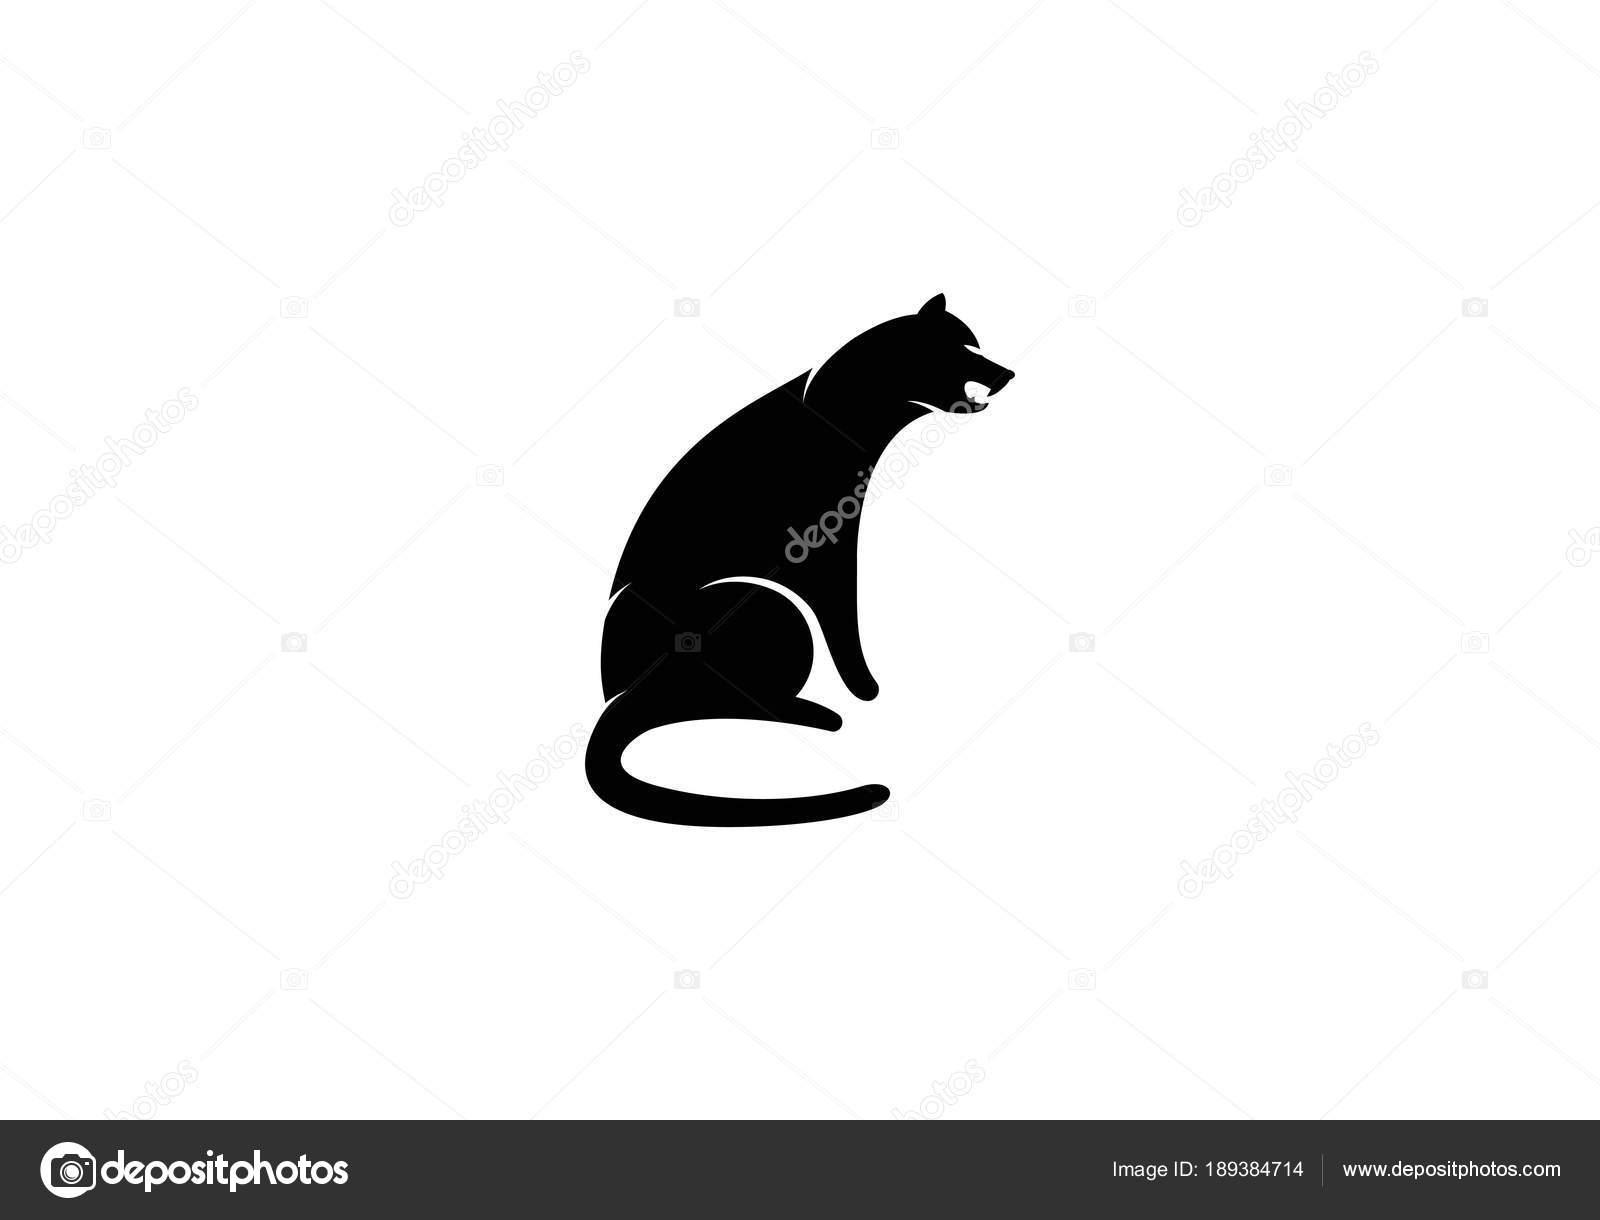 Cheetah logo template — Stock Vector © elaelo #189384714